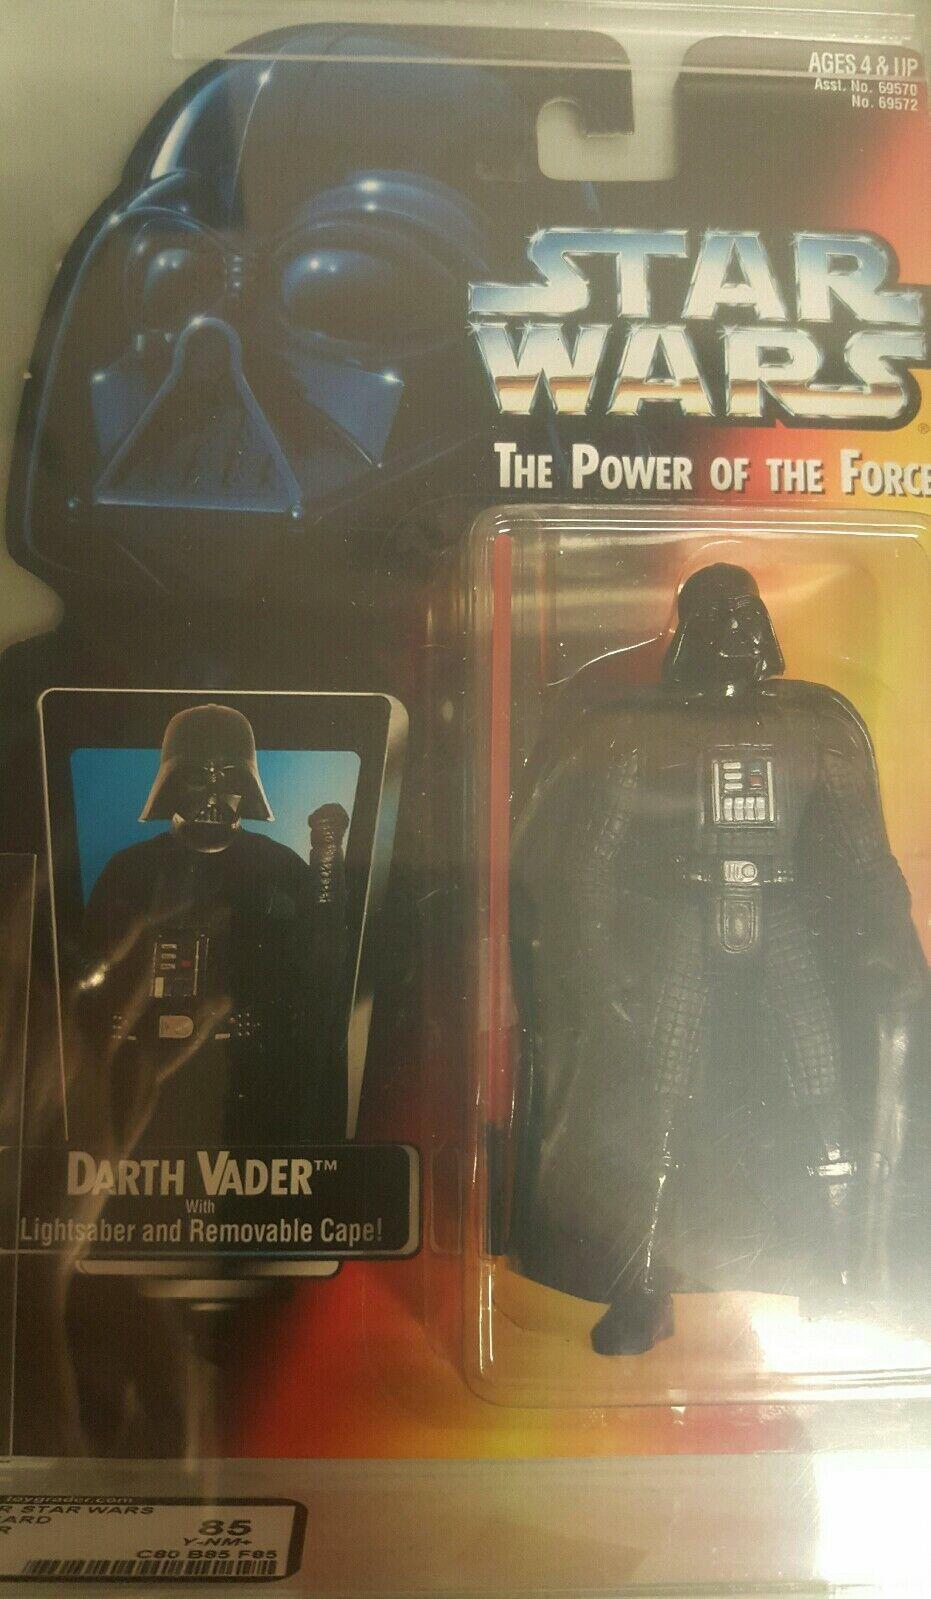 1995 Figura De Estrella Wars autoridad calificado Poder de la fuerza 2 tarjeta roja Darth Vader largo sable 85 y-casi Nuevo +